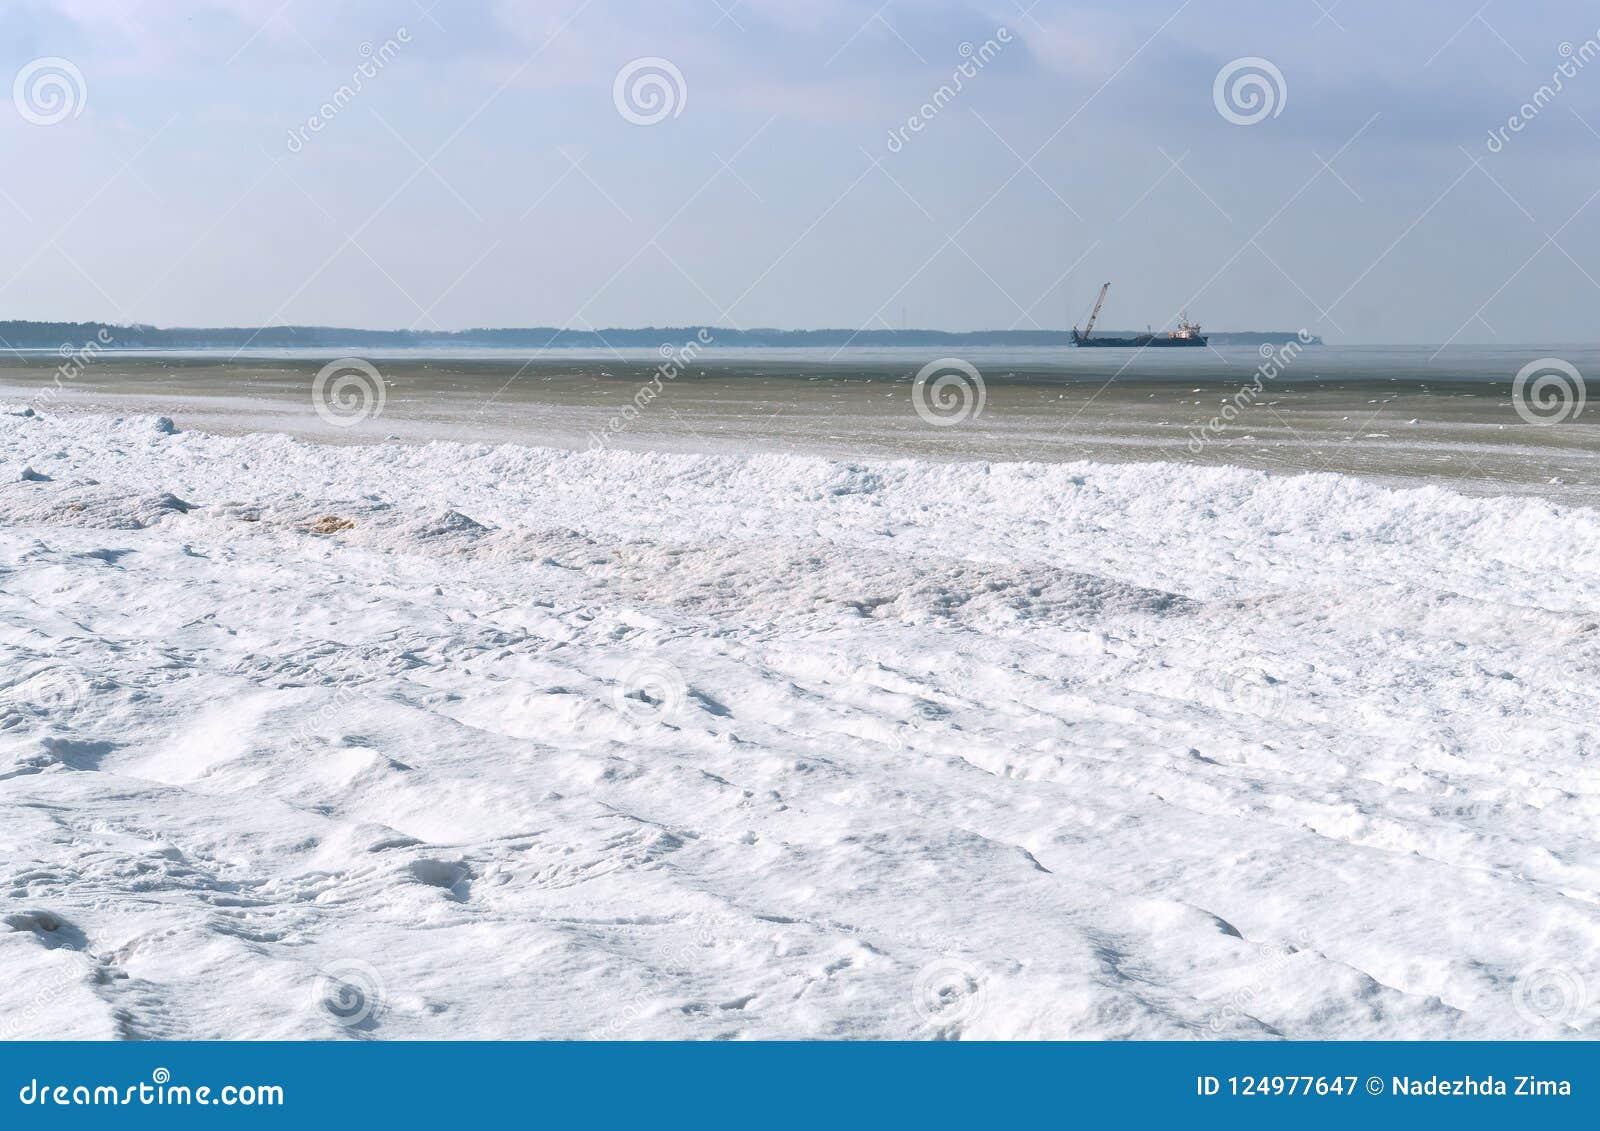 石油平台在天际的冬天海,冰烂泥在海